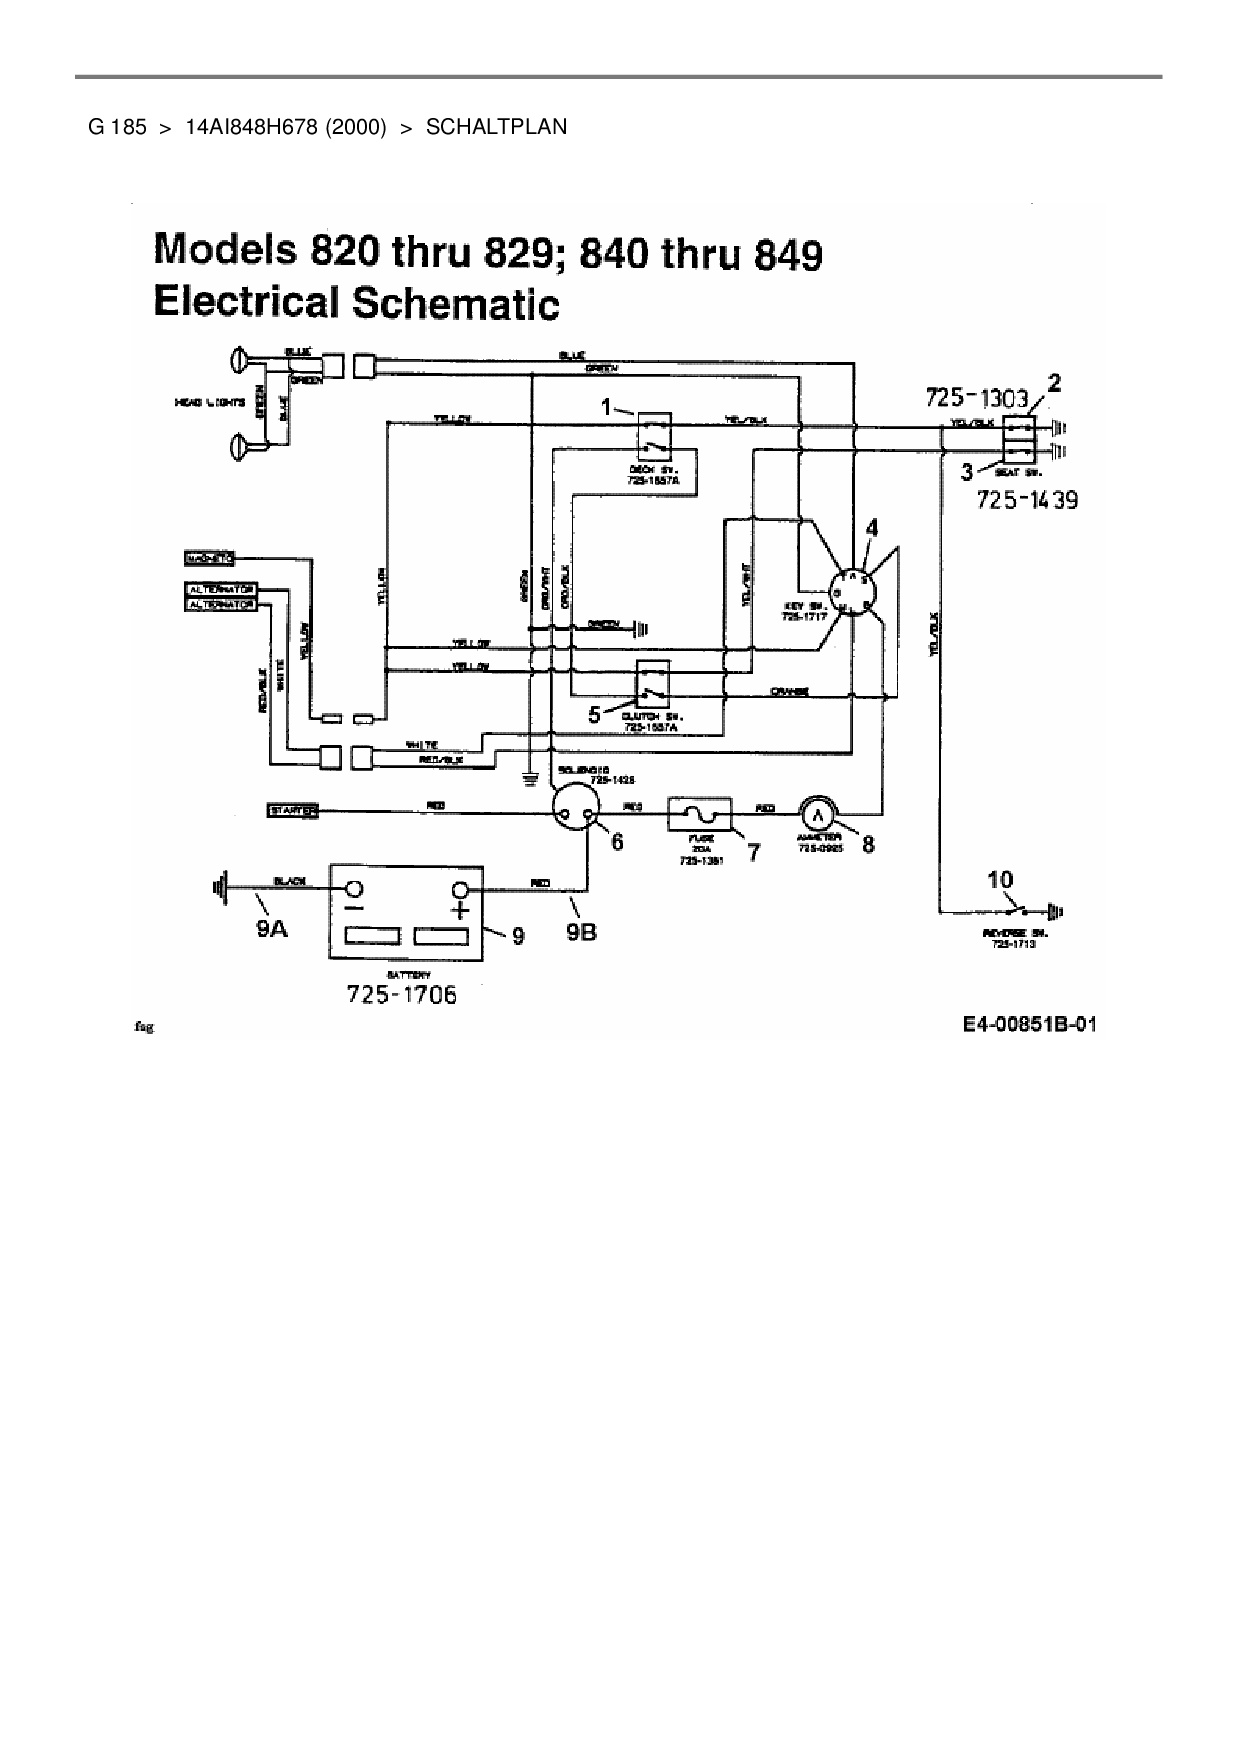 Ersatzteile von MTD Gartentraktor G 185 aus der Zeichnung Schaltplan